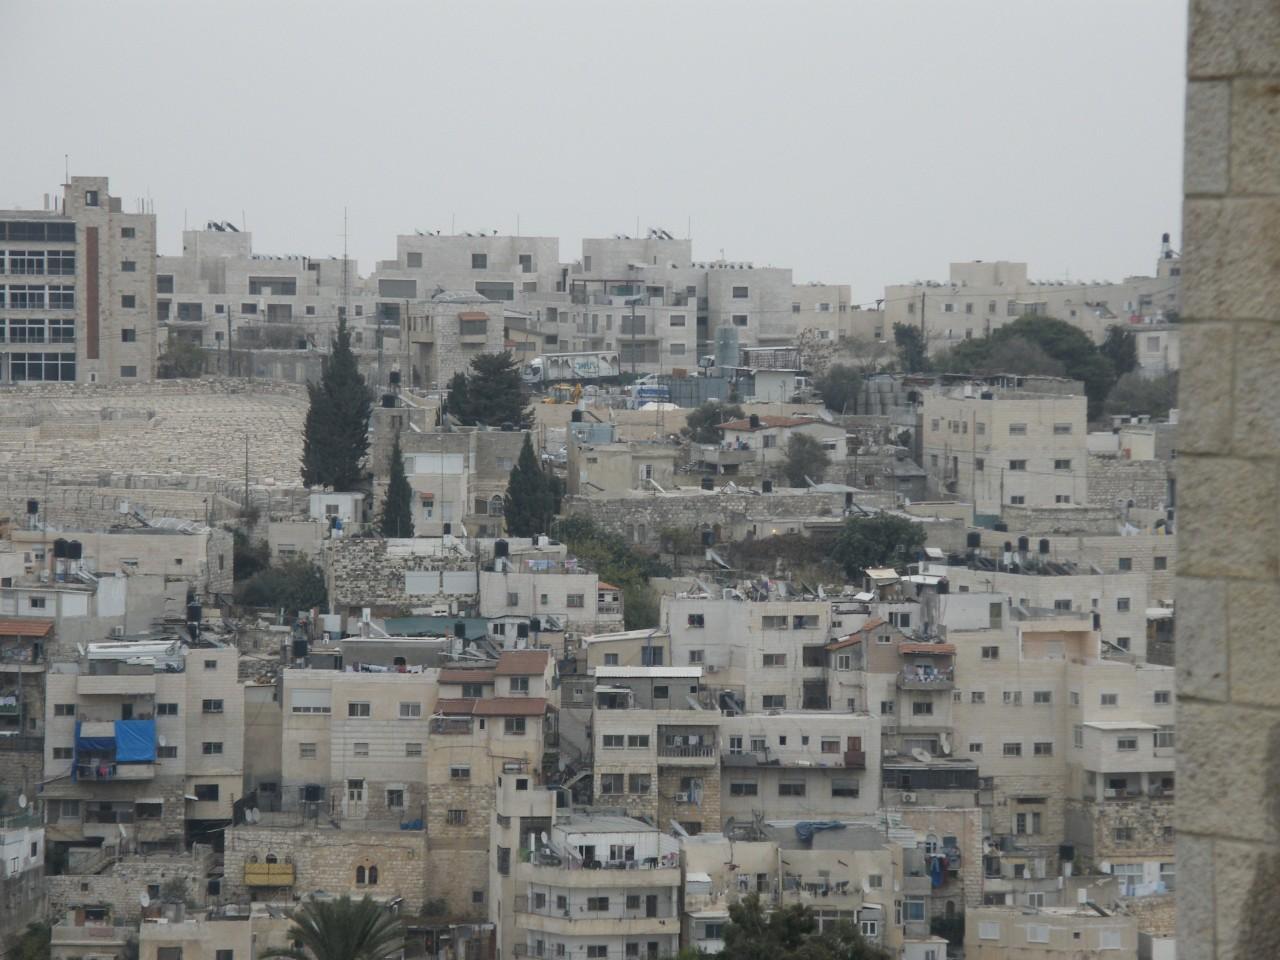 город танжер фото еврейского квартала крайней